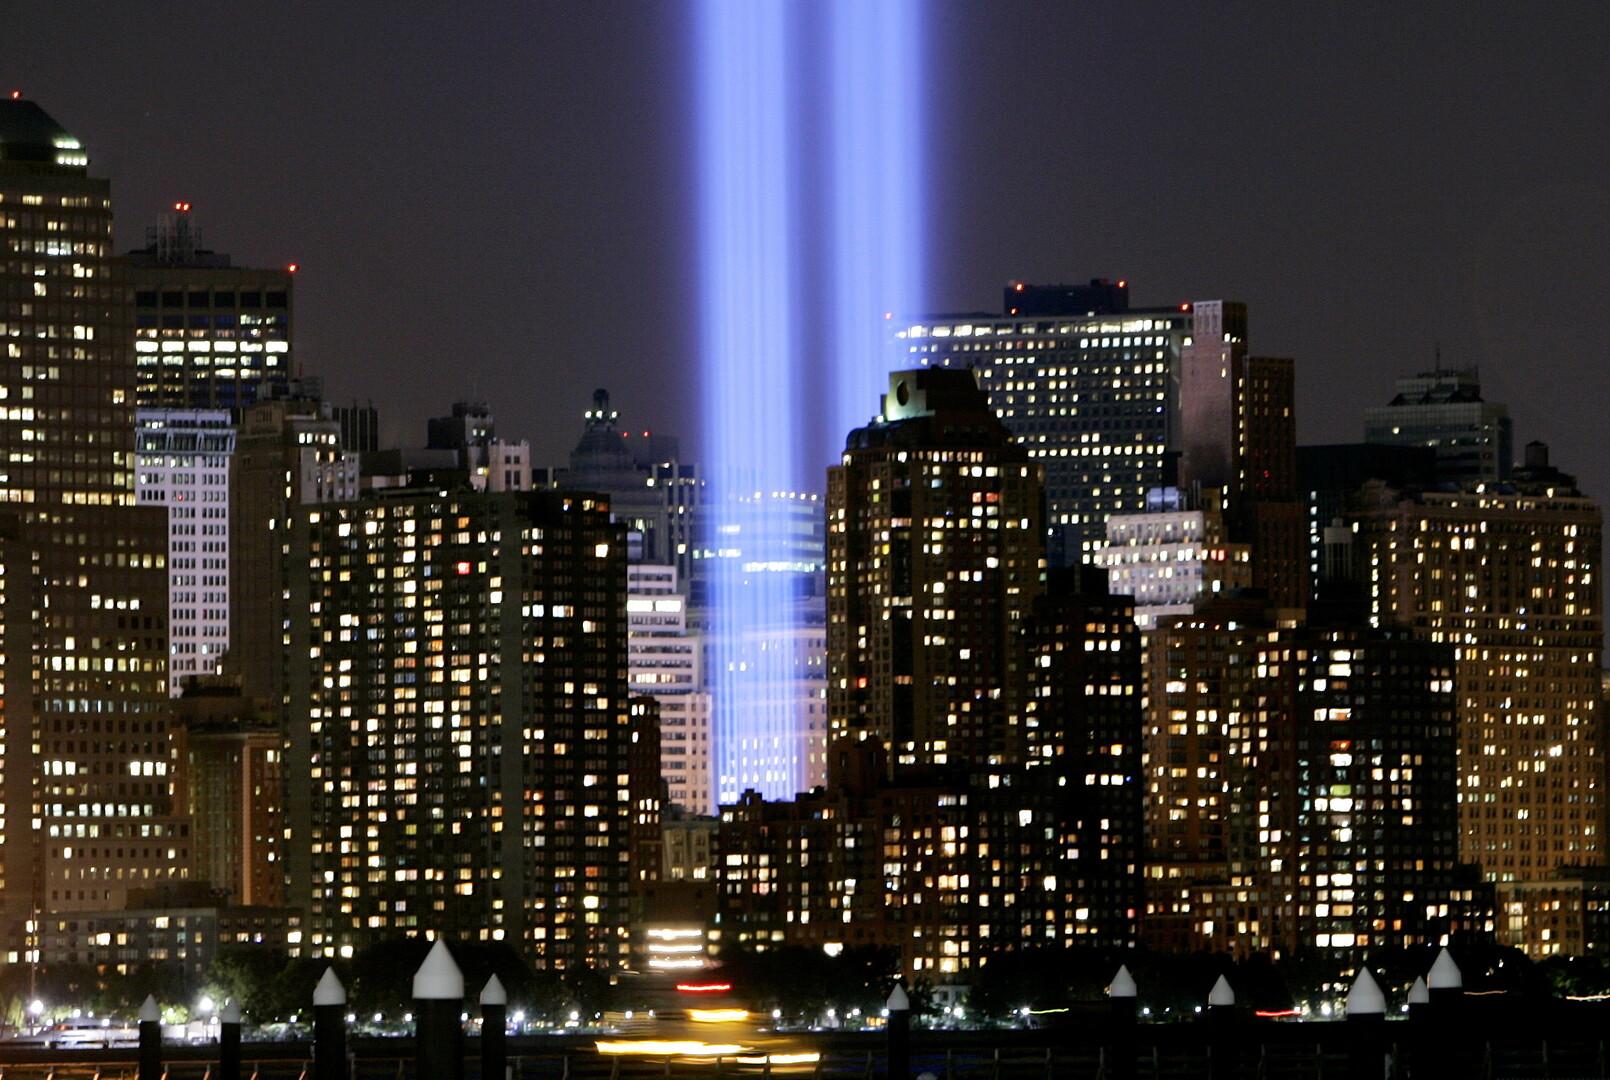 على هامش ذكرى هجمات 11 سبتمبر.. برجا الضوء التوأمان والطيور المهاجرة!